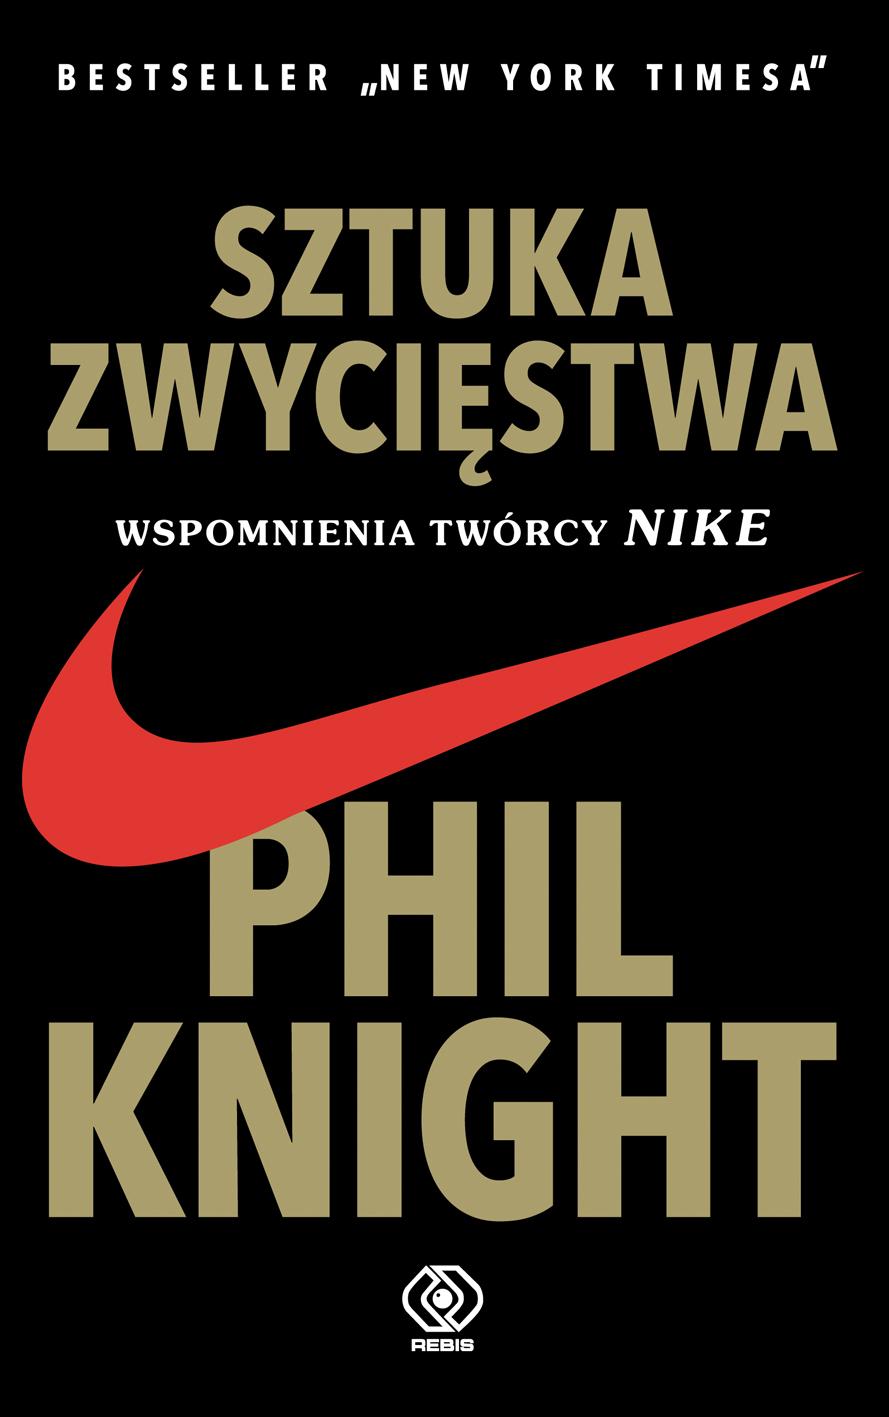 Wspomnienia twórcy NIKE - Phil Knight